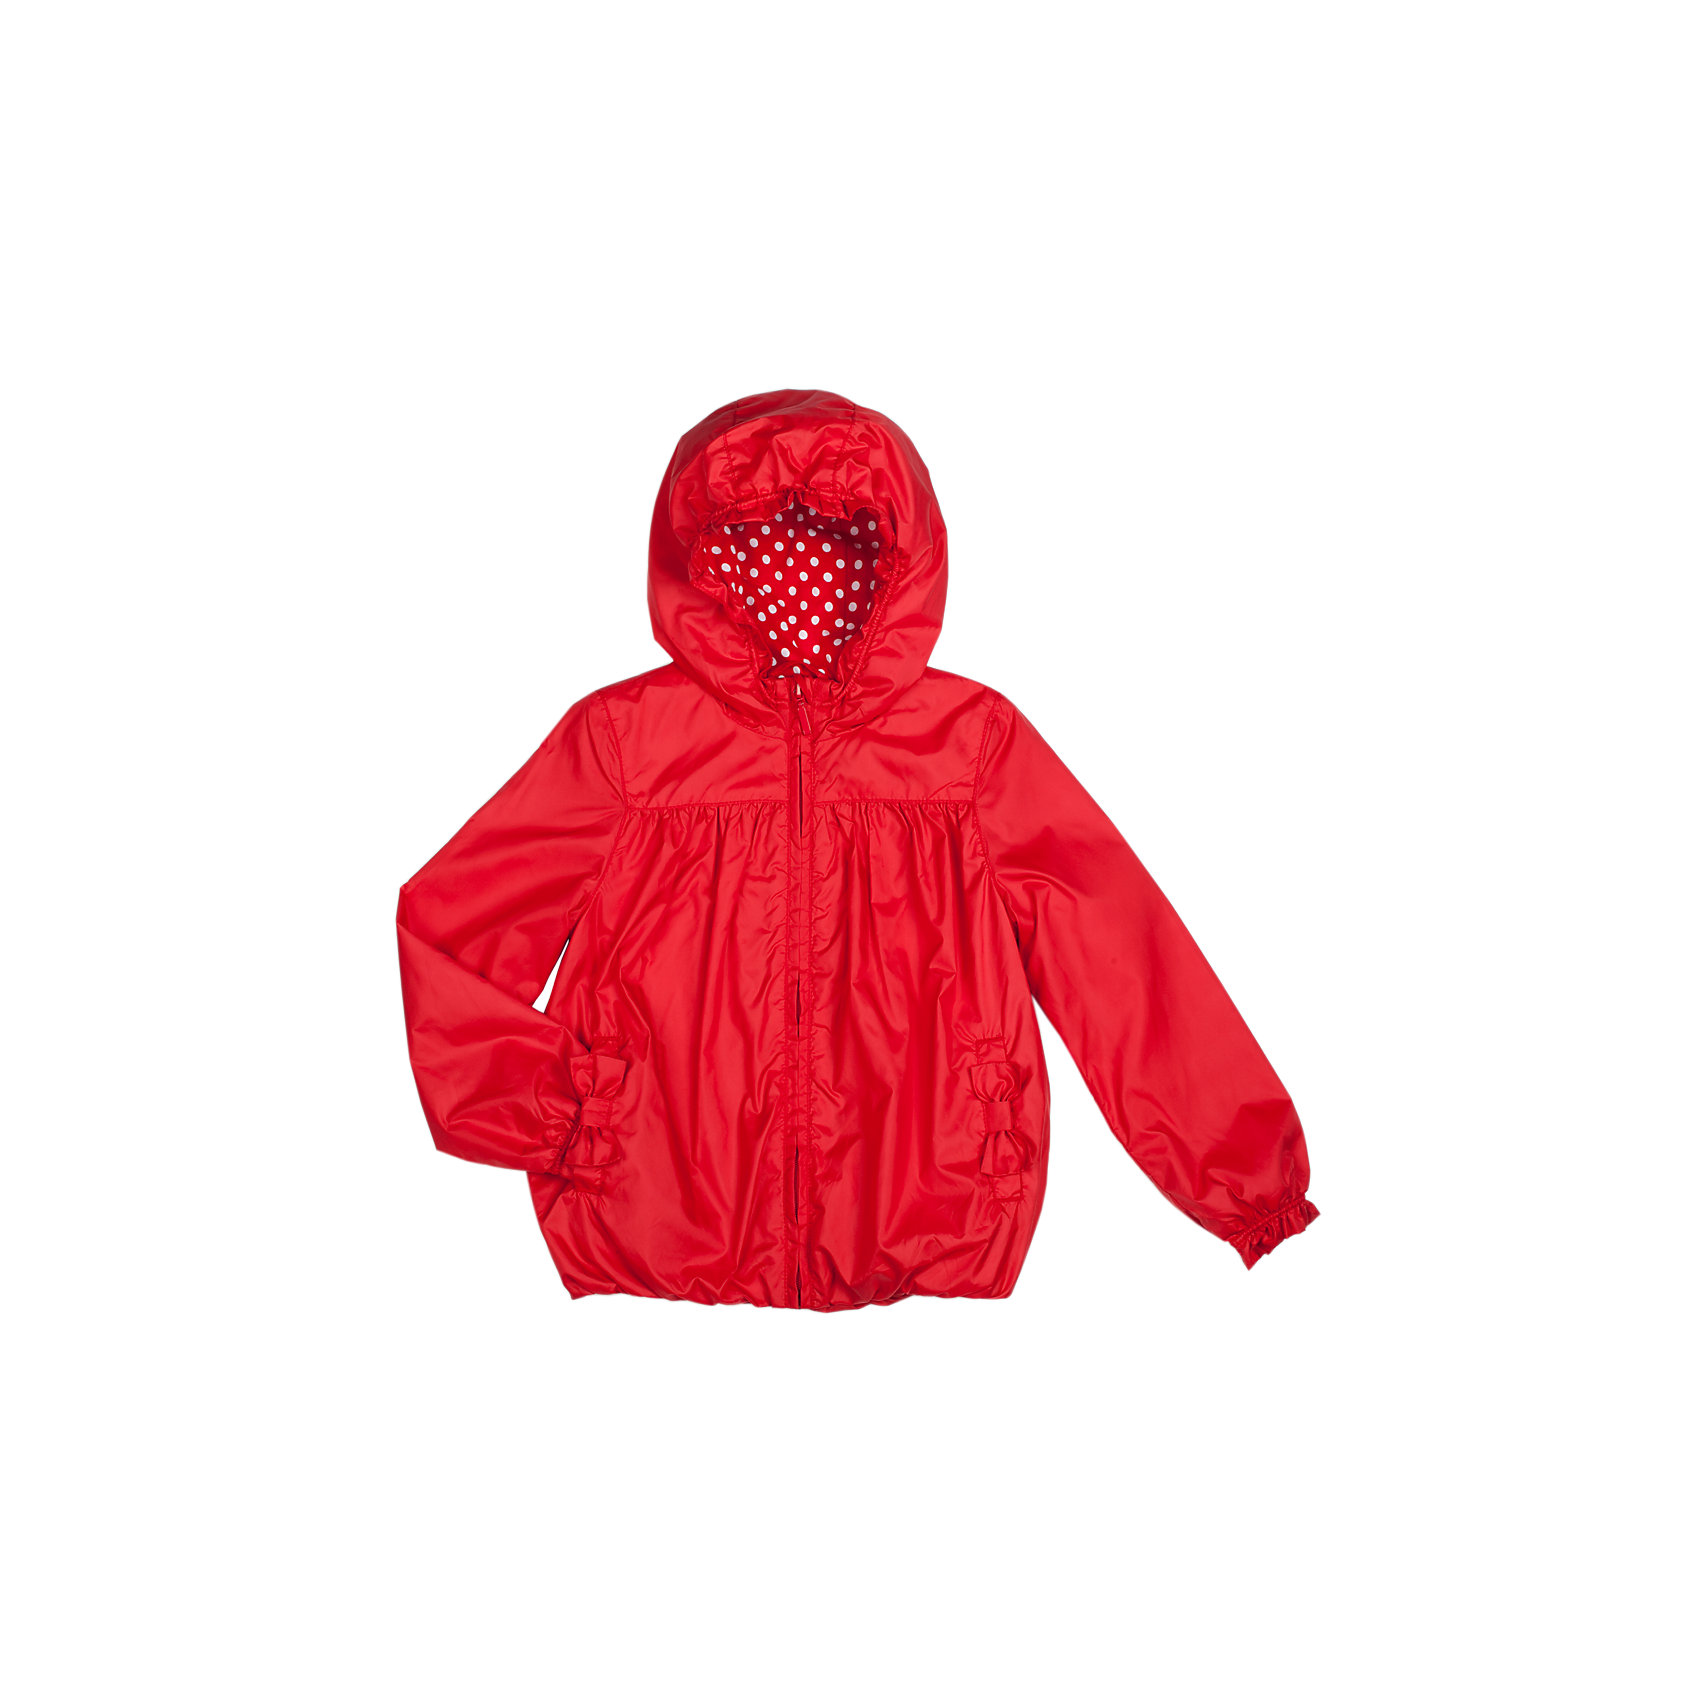 Ветровка для девочки Button BlueВерхняя одежда<br>Яркая ветровка для девочки с орнаментальной подкладкой в горошек из мягкой хлопковой ткани, защитит от дождя, ветра и прохладной погоды. Входы в карманы отделаны декоративным бантиком. Комфортная, удобная и уютная ветровка идеально подойдет для прогулок и игр на свежем воздухе.<br>Состав:<br>тк. Верха: 100%полиэстер<br>подк:100%хлопок<br><br>Размеры данного бренда маломерят. Рекомендуется заказывать на размер больше.<br><br>Ширина мм: 356<br>Глубина мм: 10<br>Высота мм: 245<br>Вес г: 519<br>Цвет: красный<br>Возраст от месяцев: 60<br>Возраст до месяцев: 72<br>Пол: Женский<br>Возраст: Детский<br>Размер: 116,98,110,122,104<br>SKU: 3979472